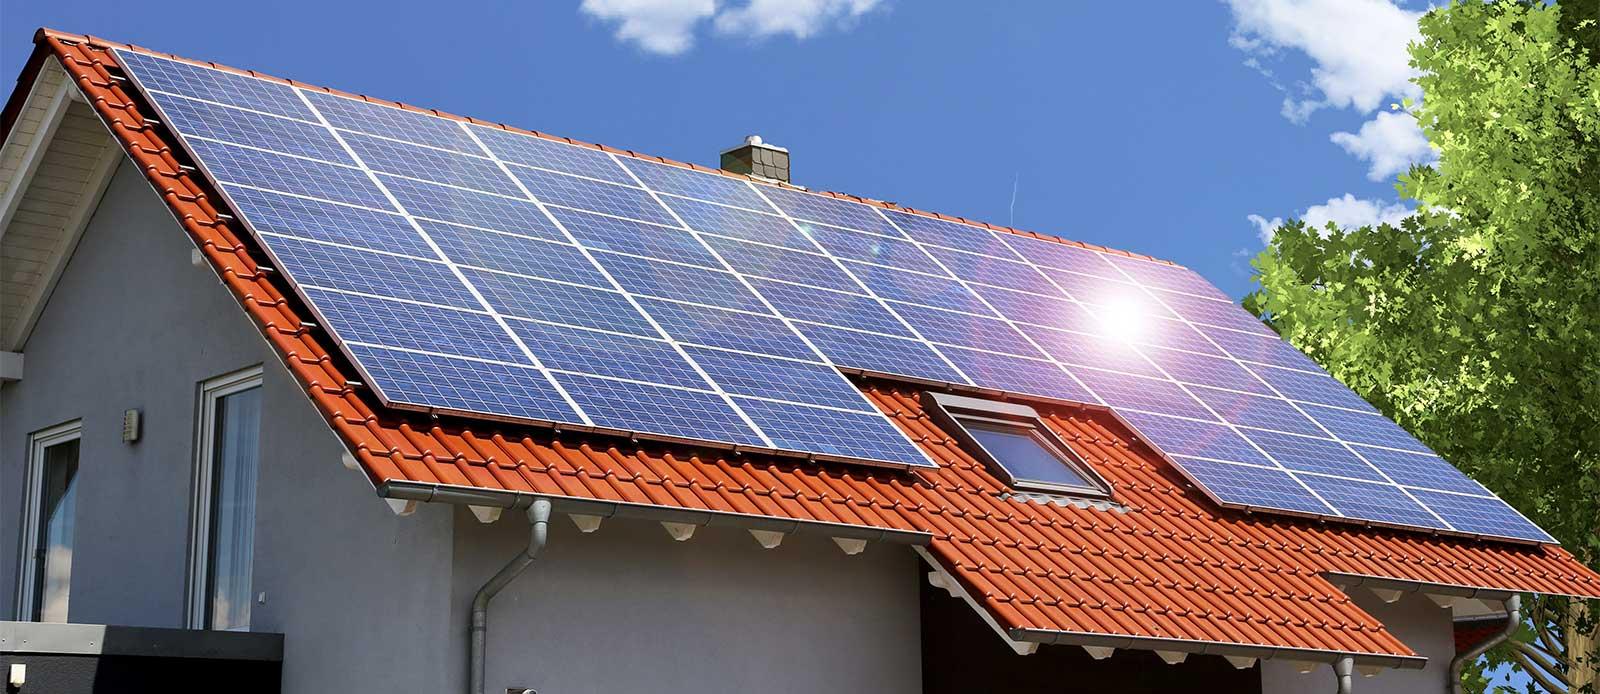 Hoe werkt het terugleveren van energie?